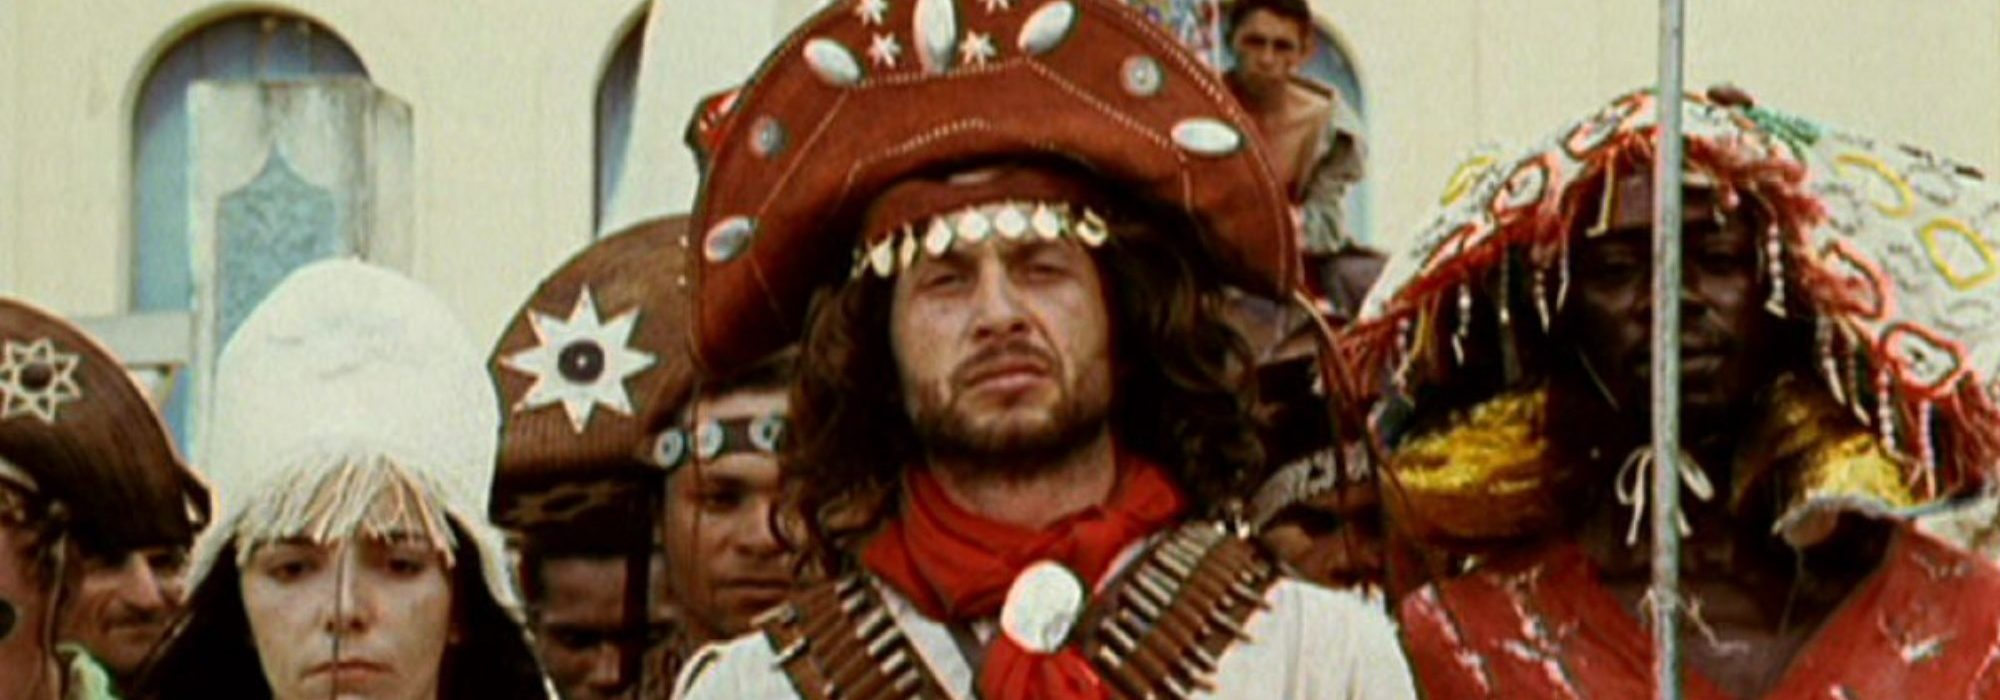 Imagem: cena de O Dragão da Maldade Contra o Santo Guerreiro (1969)